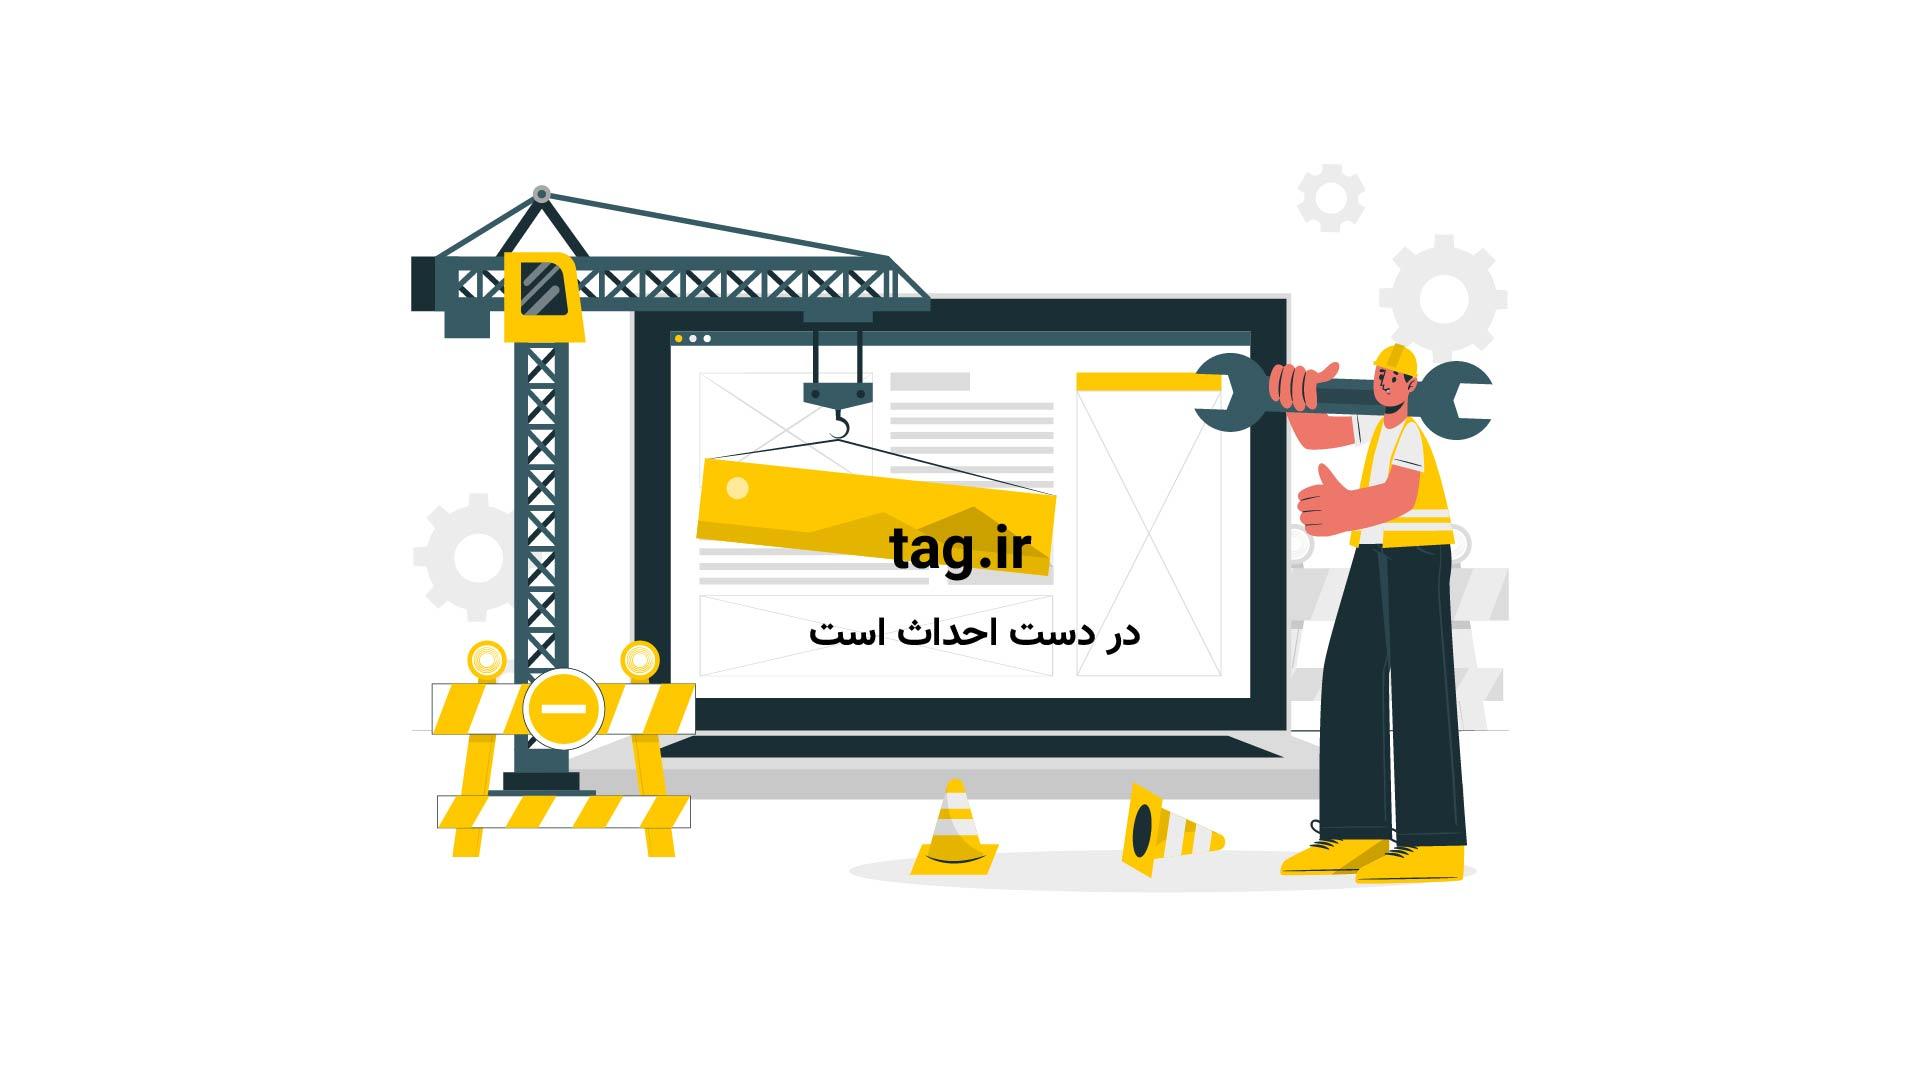 تکنیک نقاشی اکریلیک؛ آموزش کشیدن کهکشان راه شیری | فیلم